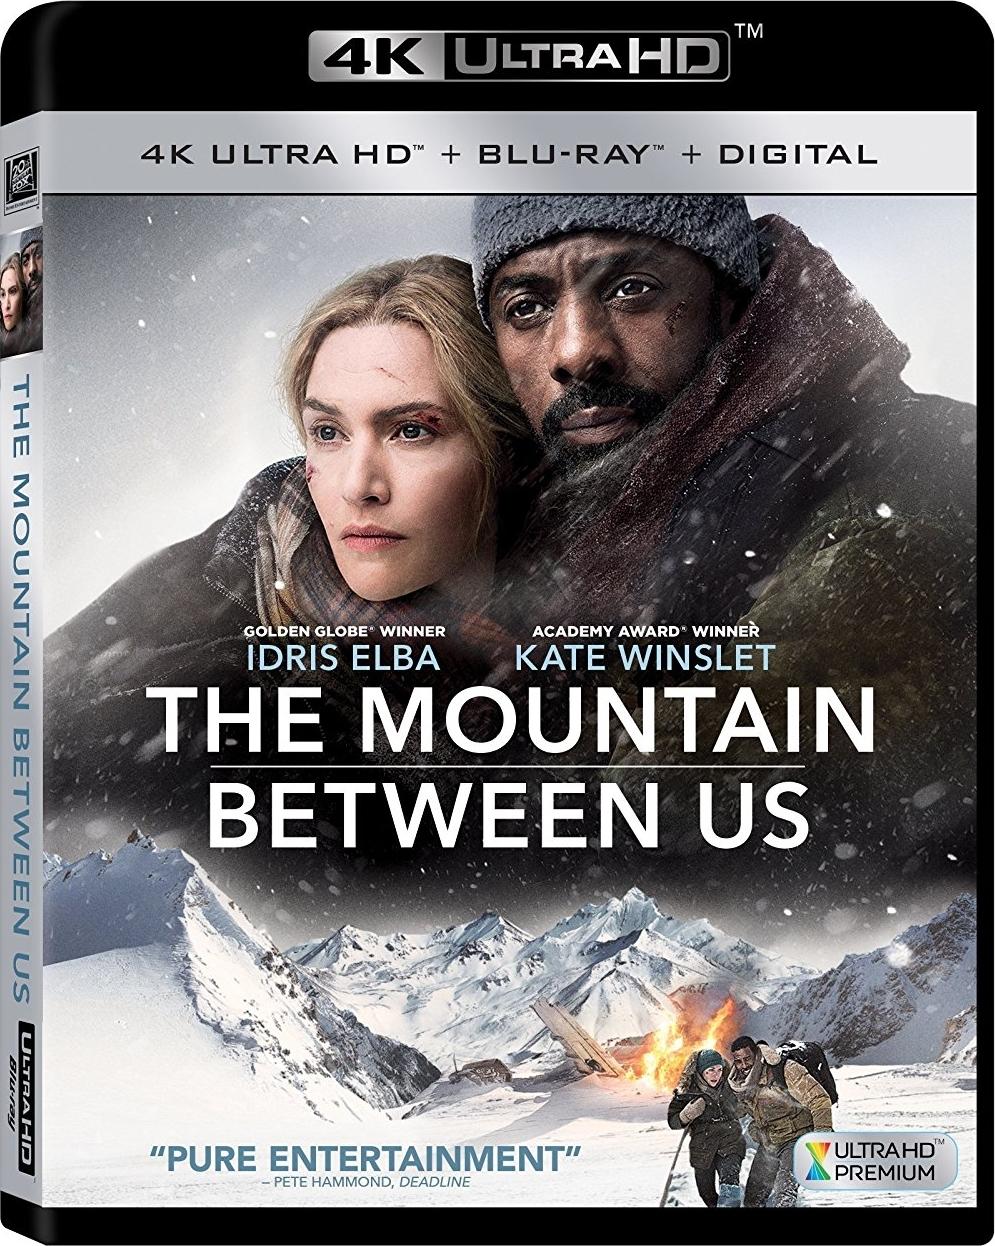 The Mountain Between Us 4K (2017) Ultra HD Blu-ray